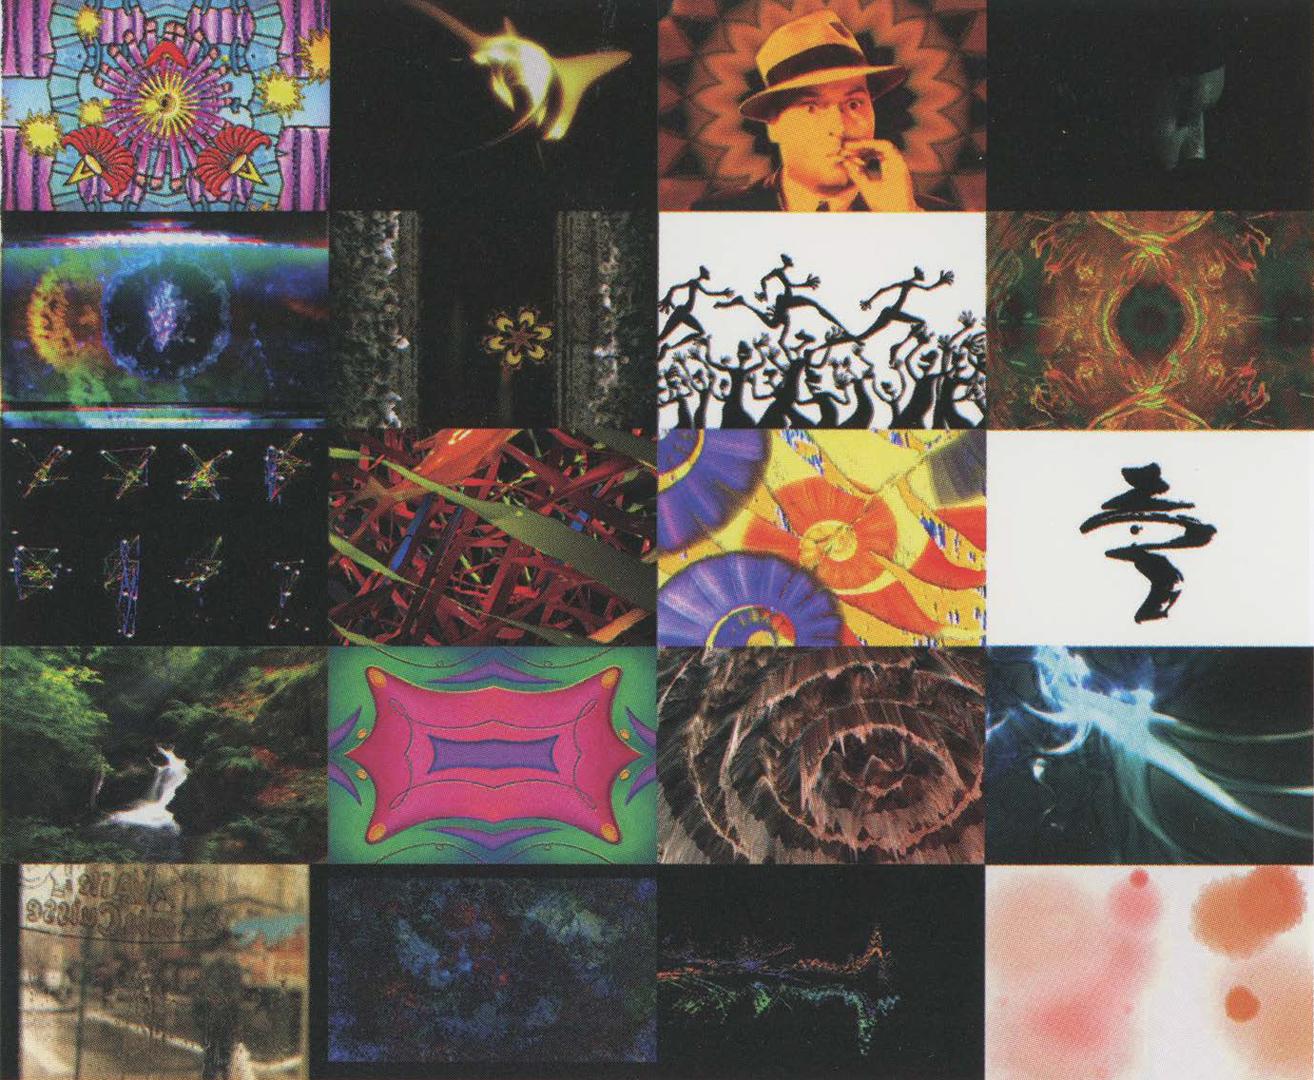 ©2007, Dennis H. Miller, 2007 Northeastern University Visual Music Marathon